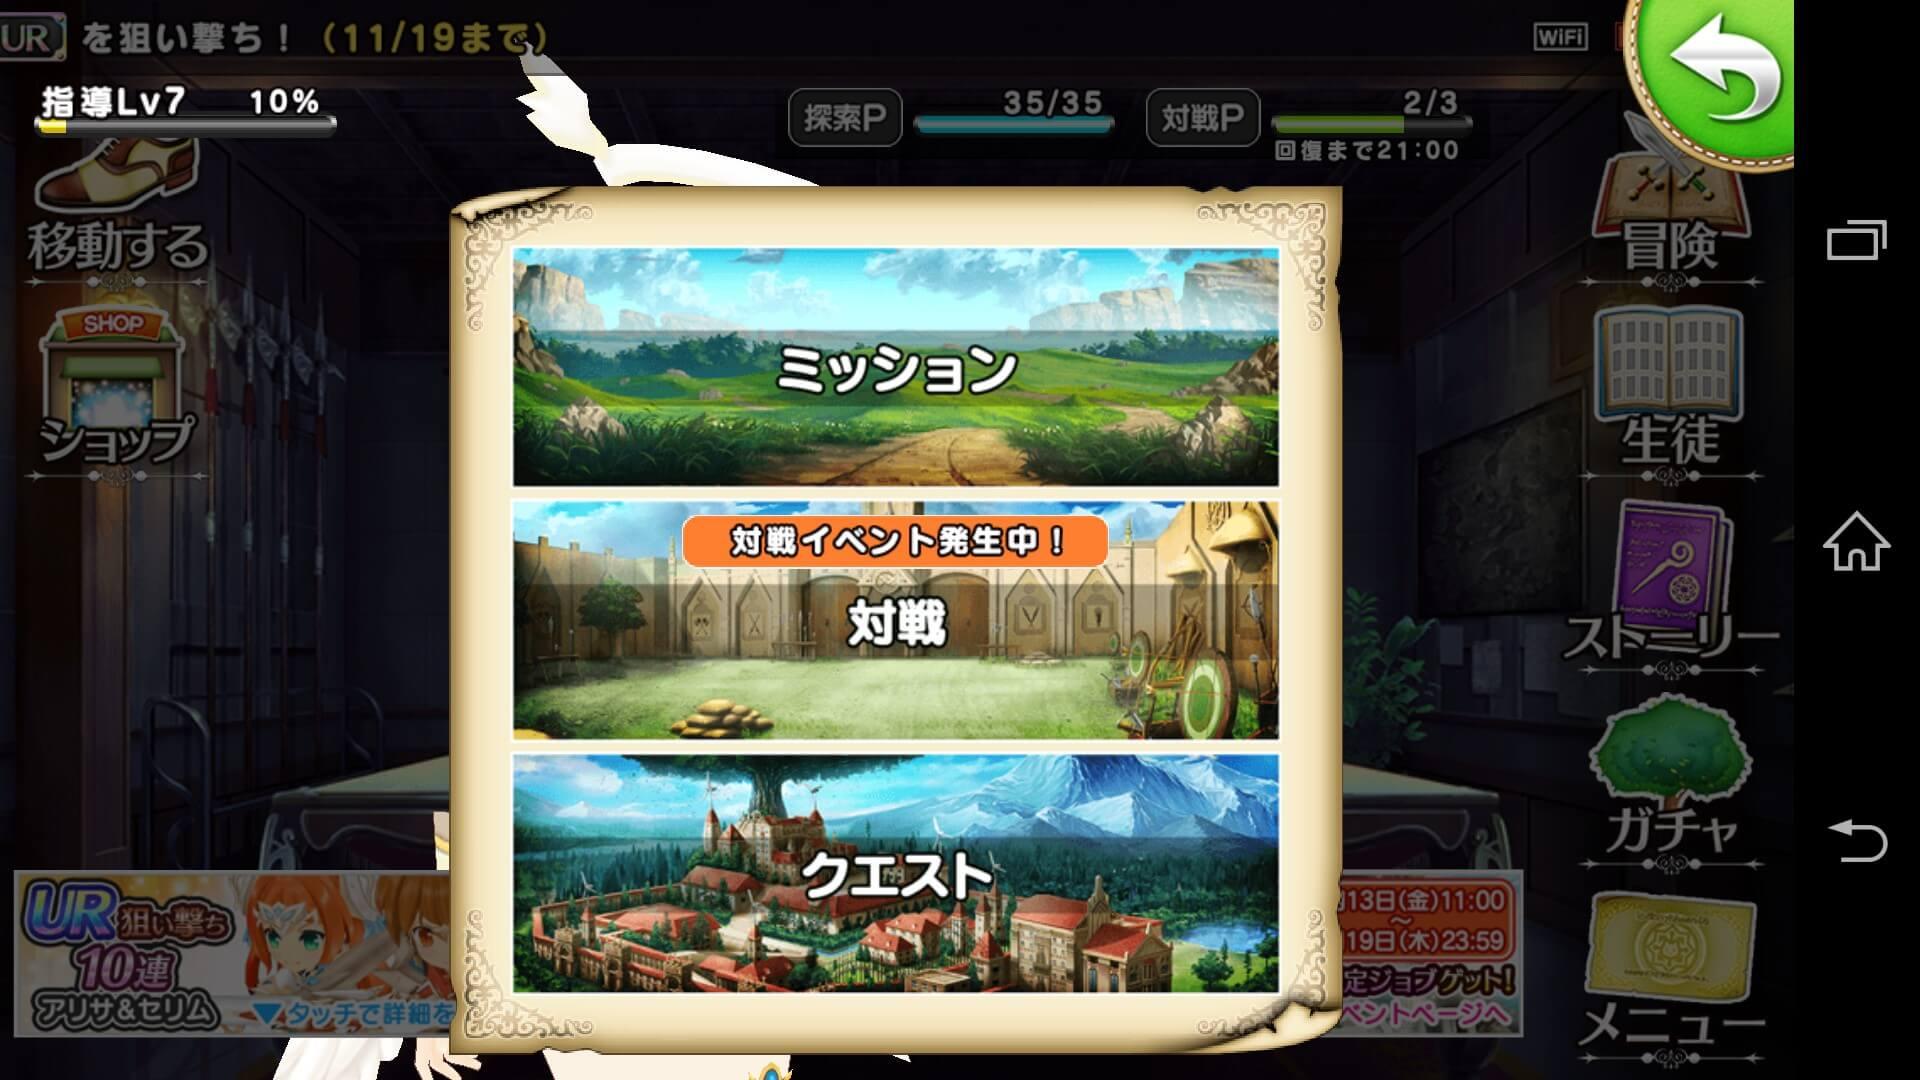 ミッションと対戦とクエストが選べる画面です。